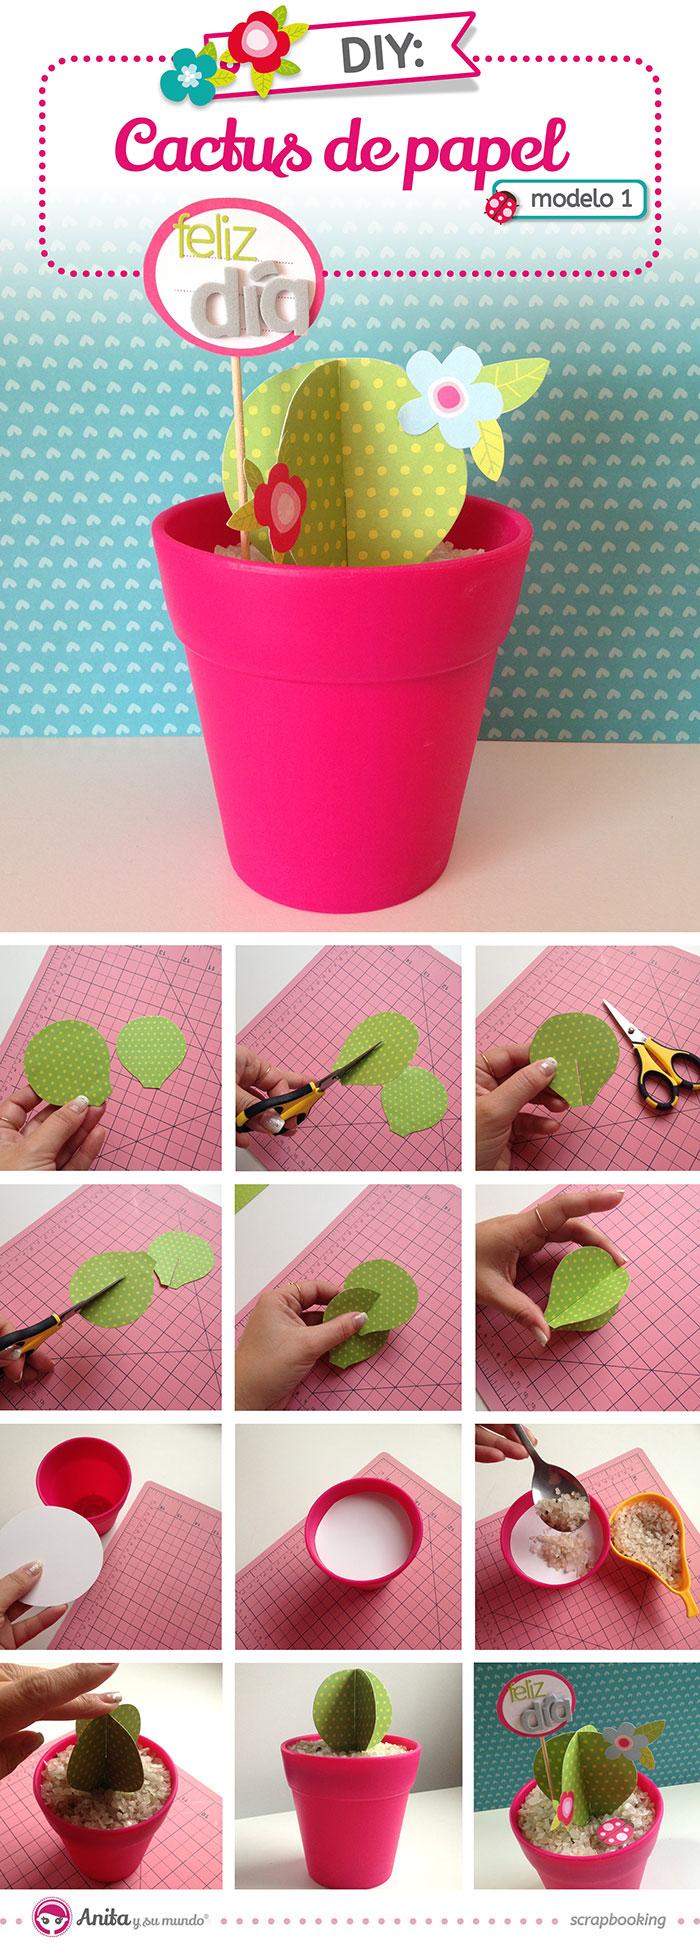 flores-de-papel-faciles-cactus-de-papel